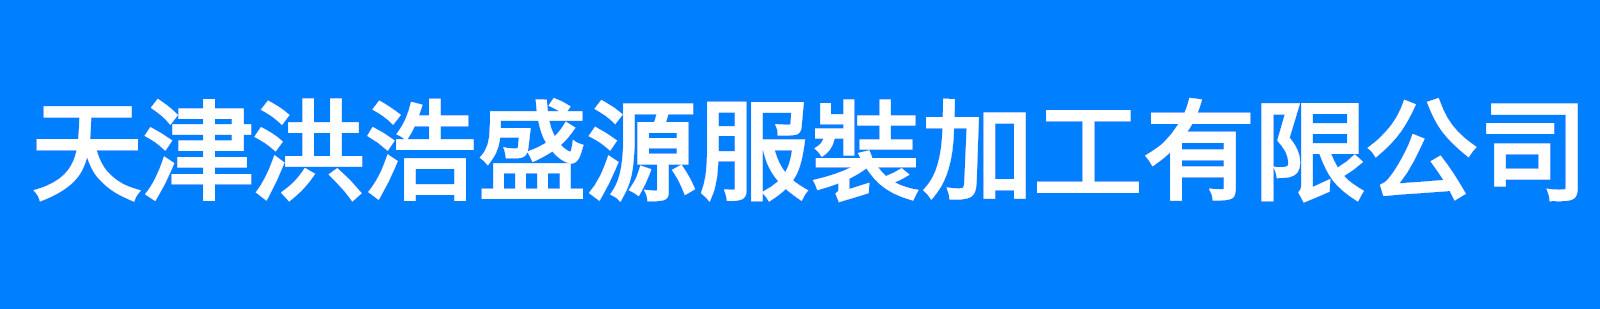 天津洪浩盛源服装加工有限公司